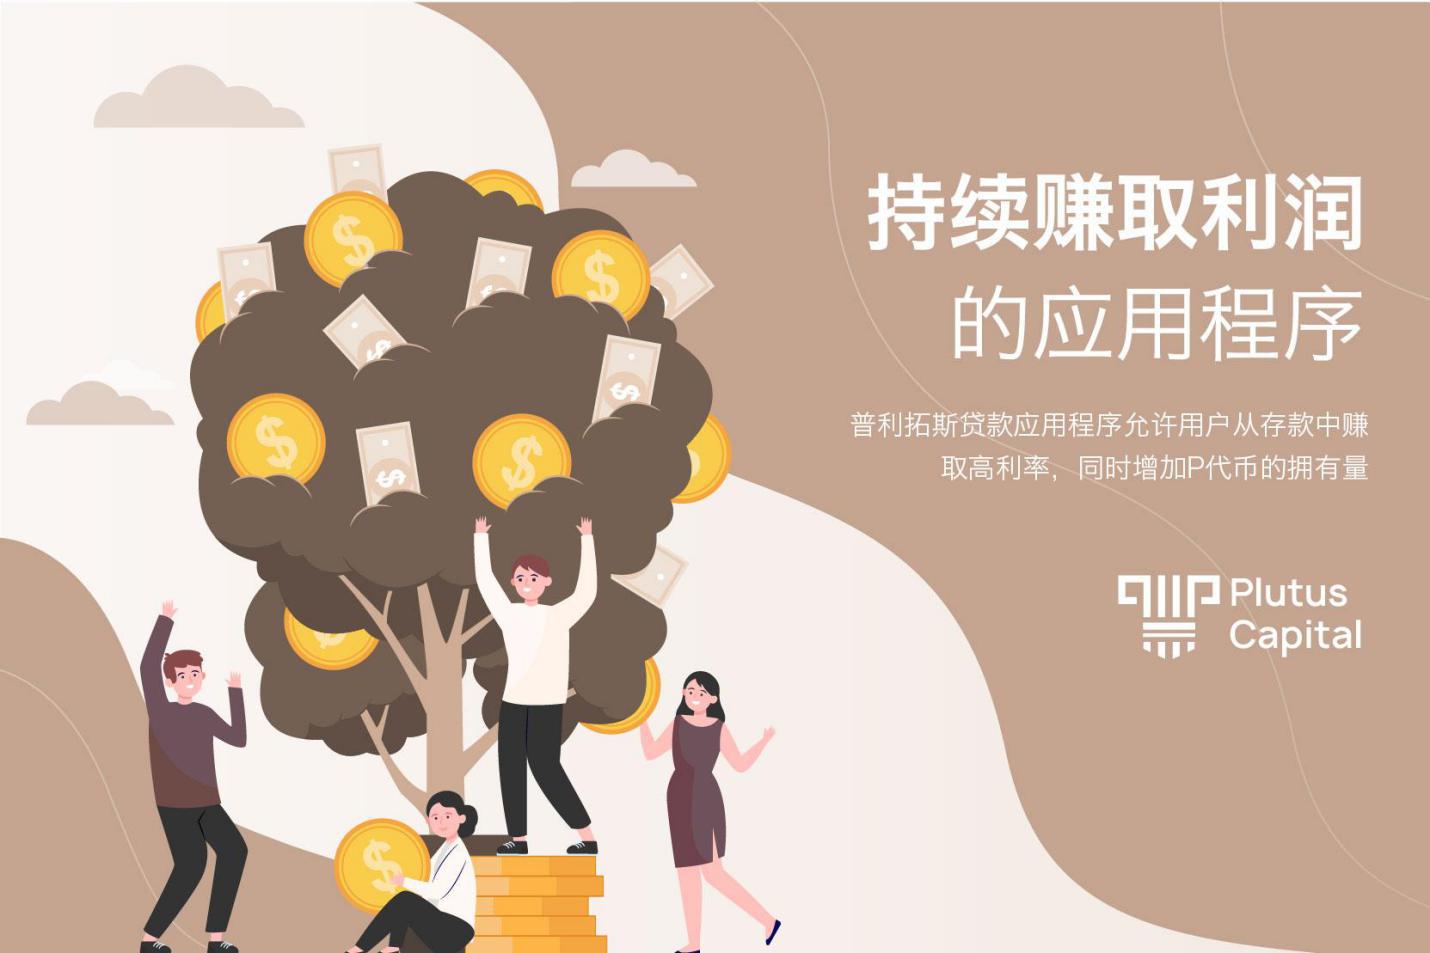 币世界-普利拓斯金融科技应用程序:助力用户持续赚取收益